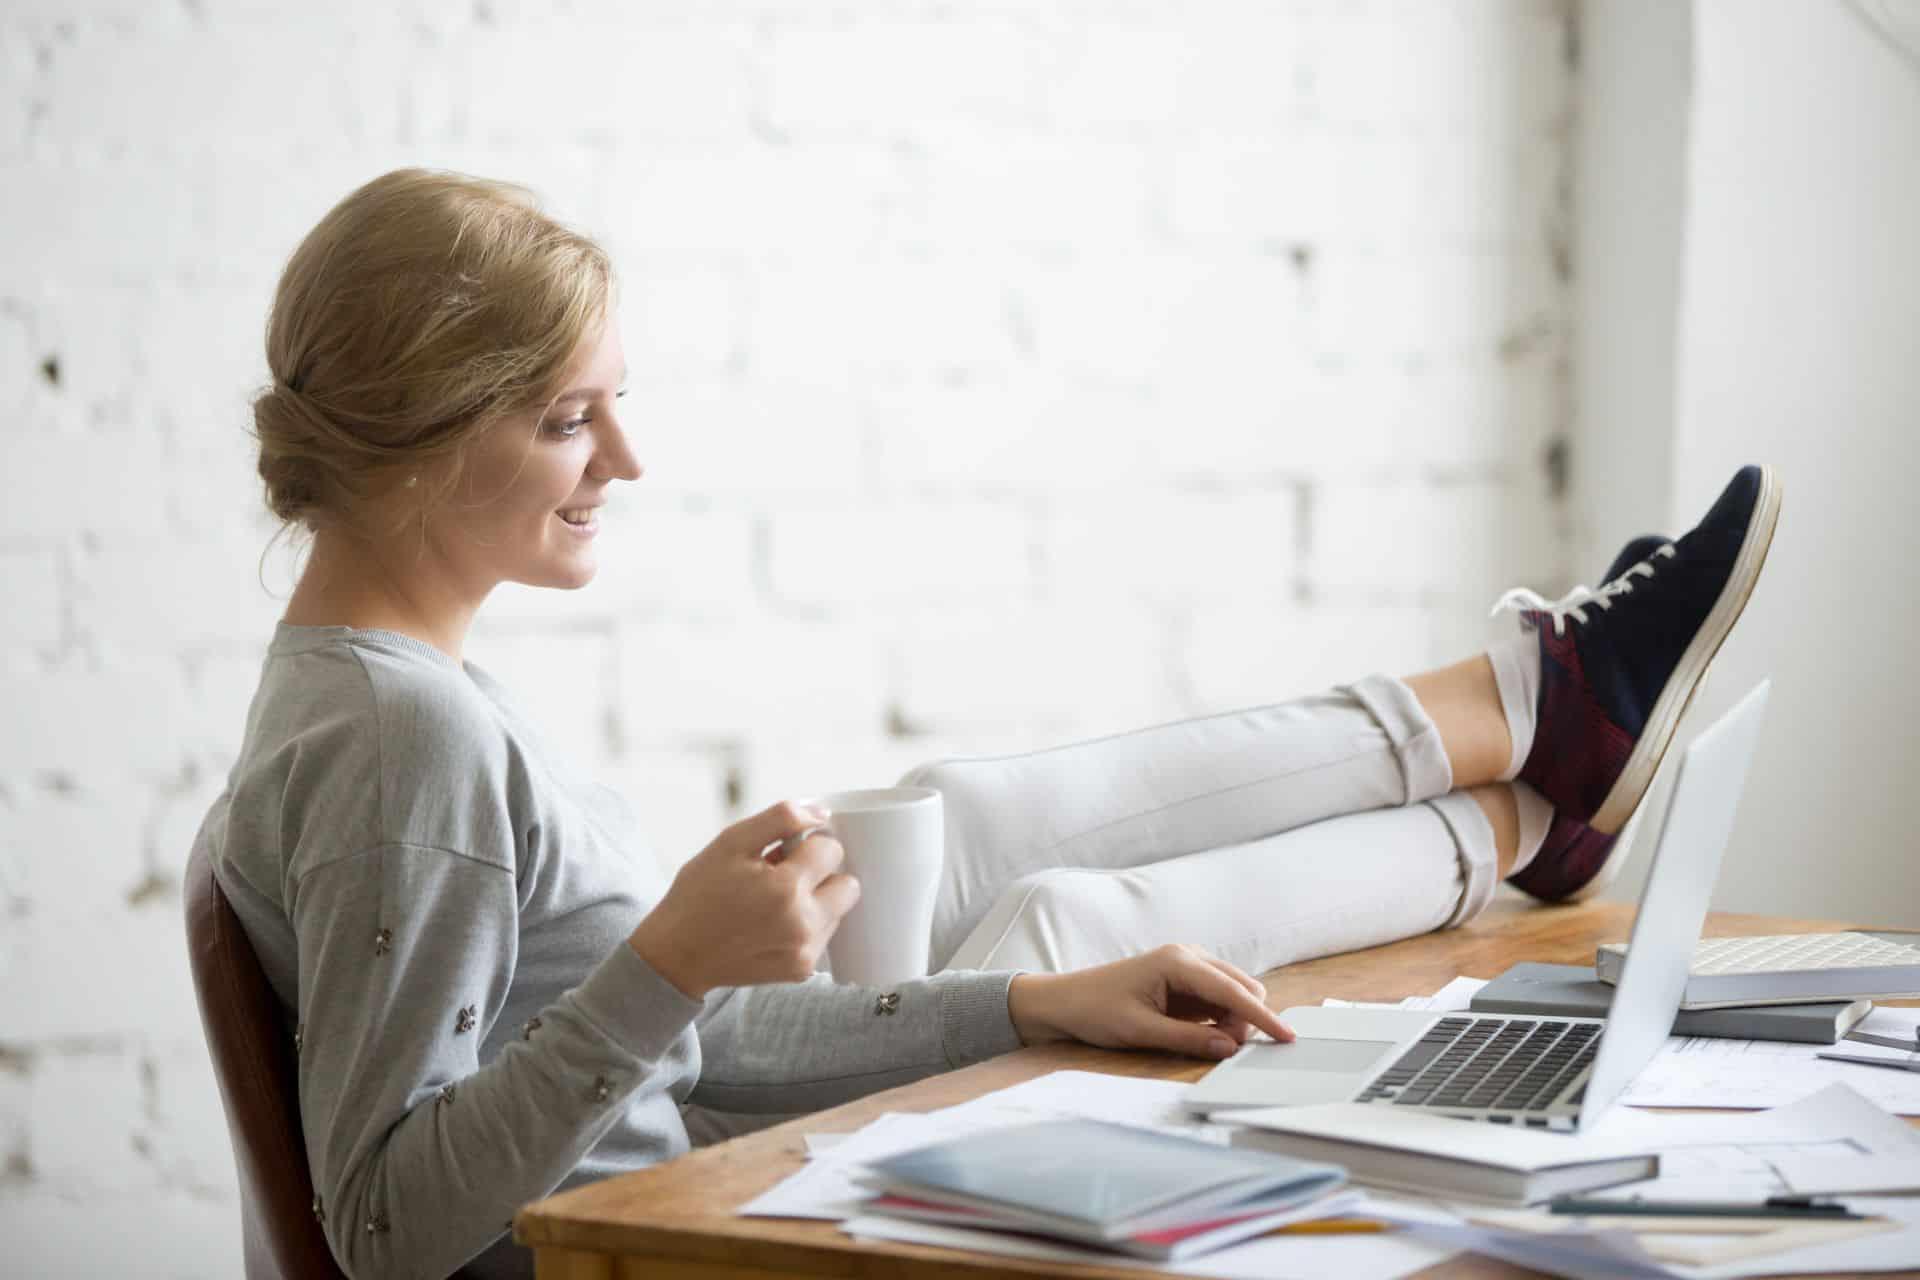 Hogyan lehet online otthon dolgozni a számítógépen?